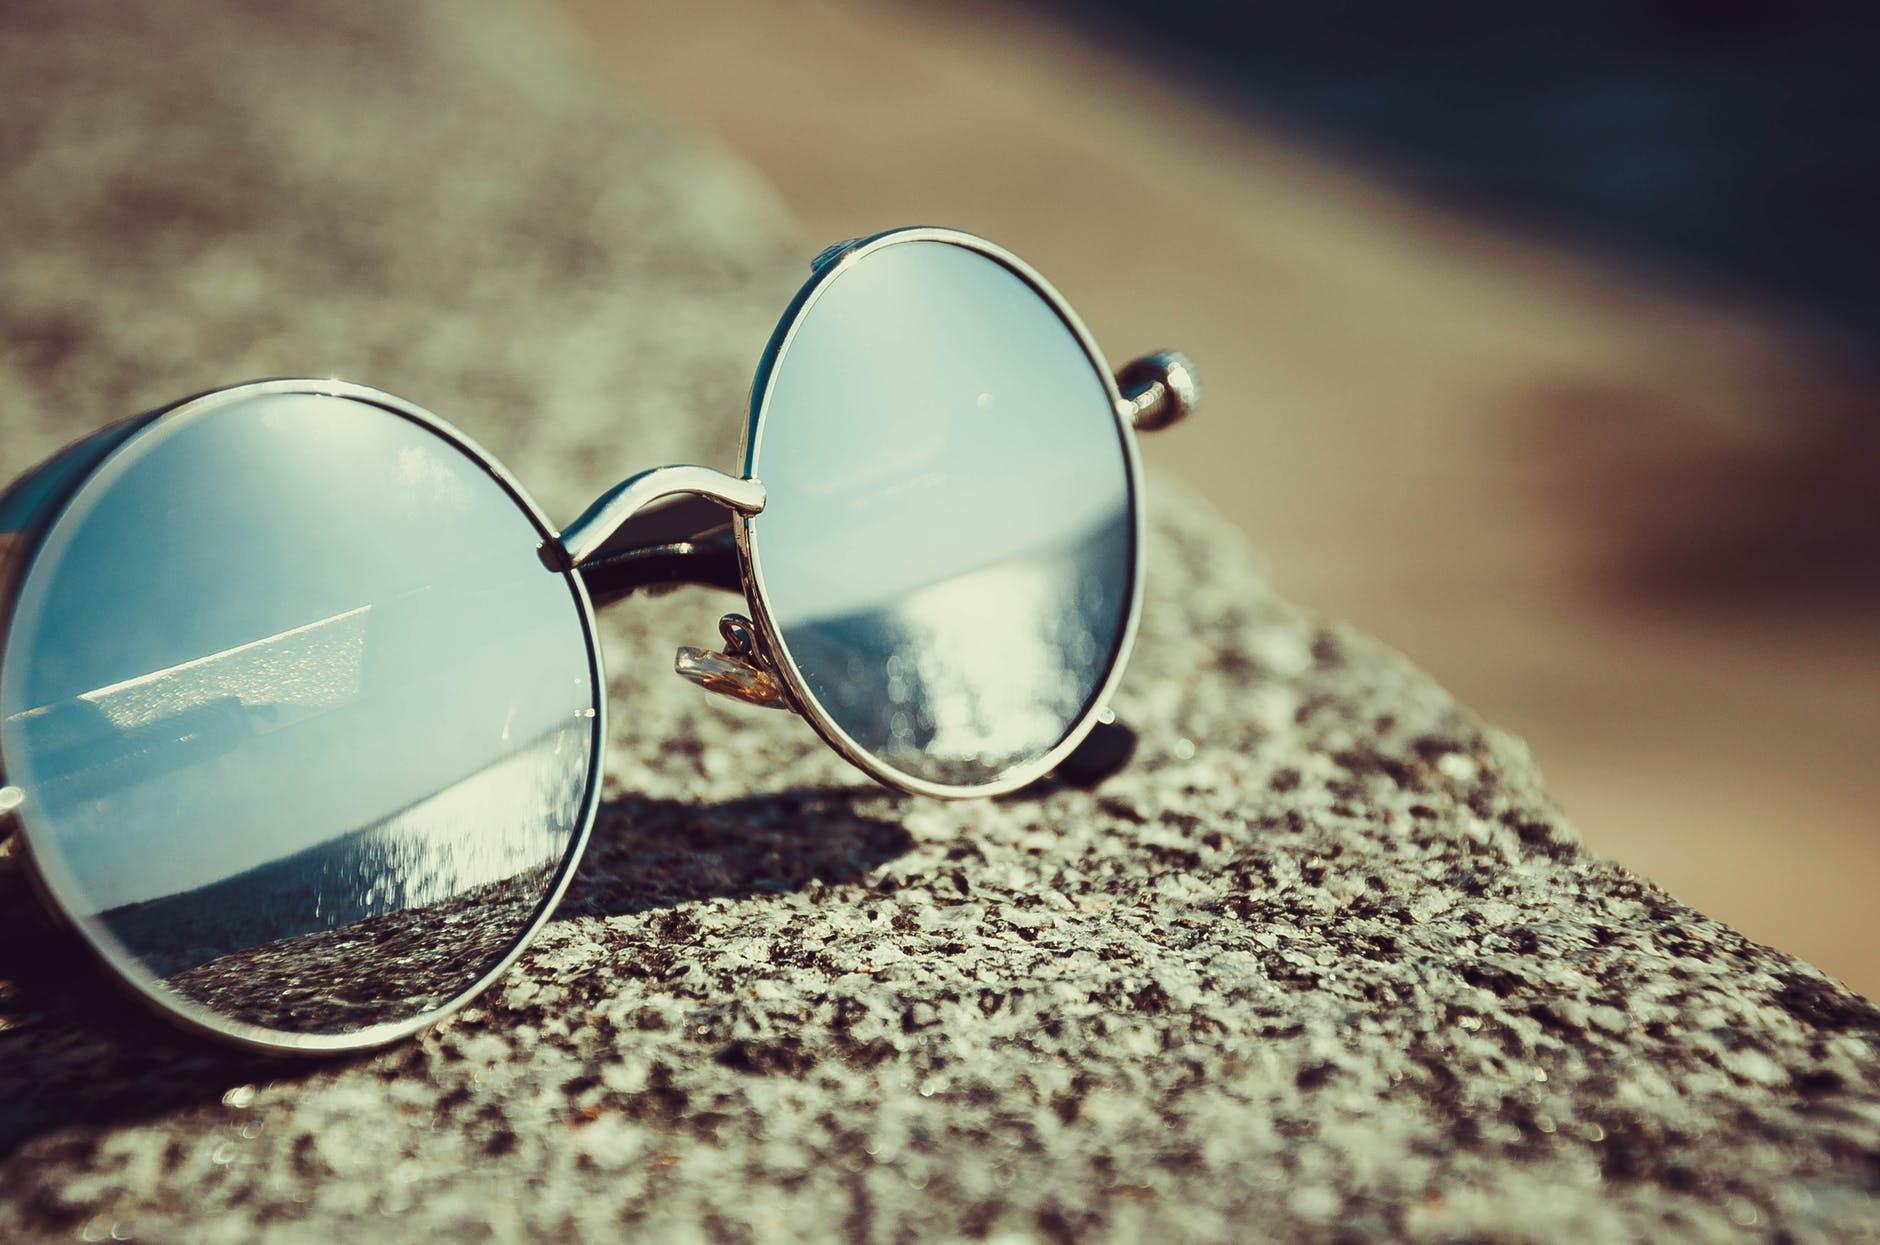 pexels photo 343720 - Consejo Covid19 - Cómo hacer una correcta limpieza de las gafas con seguridad